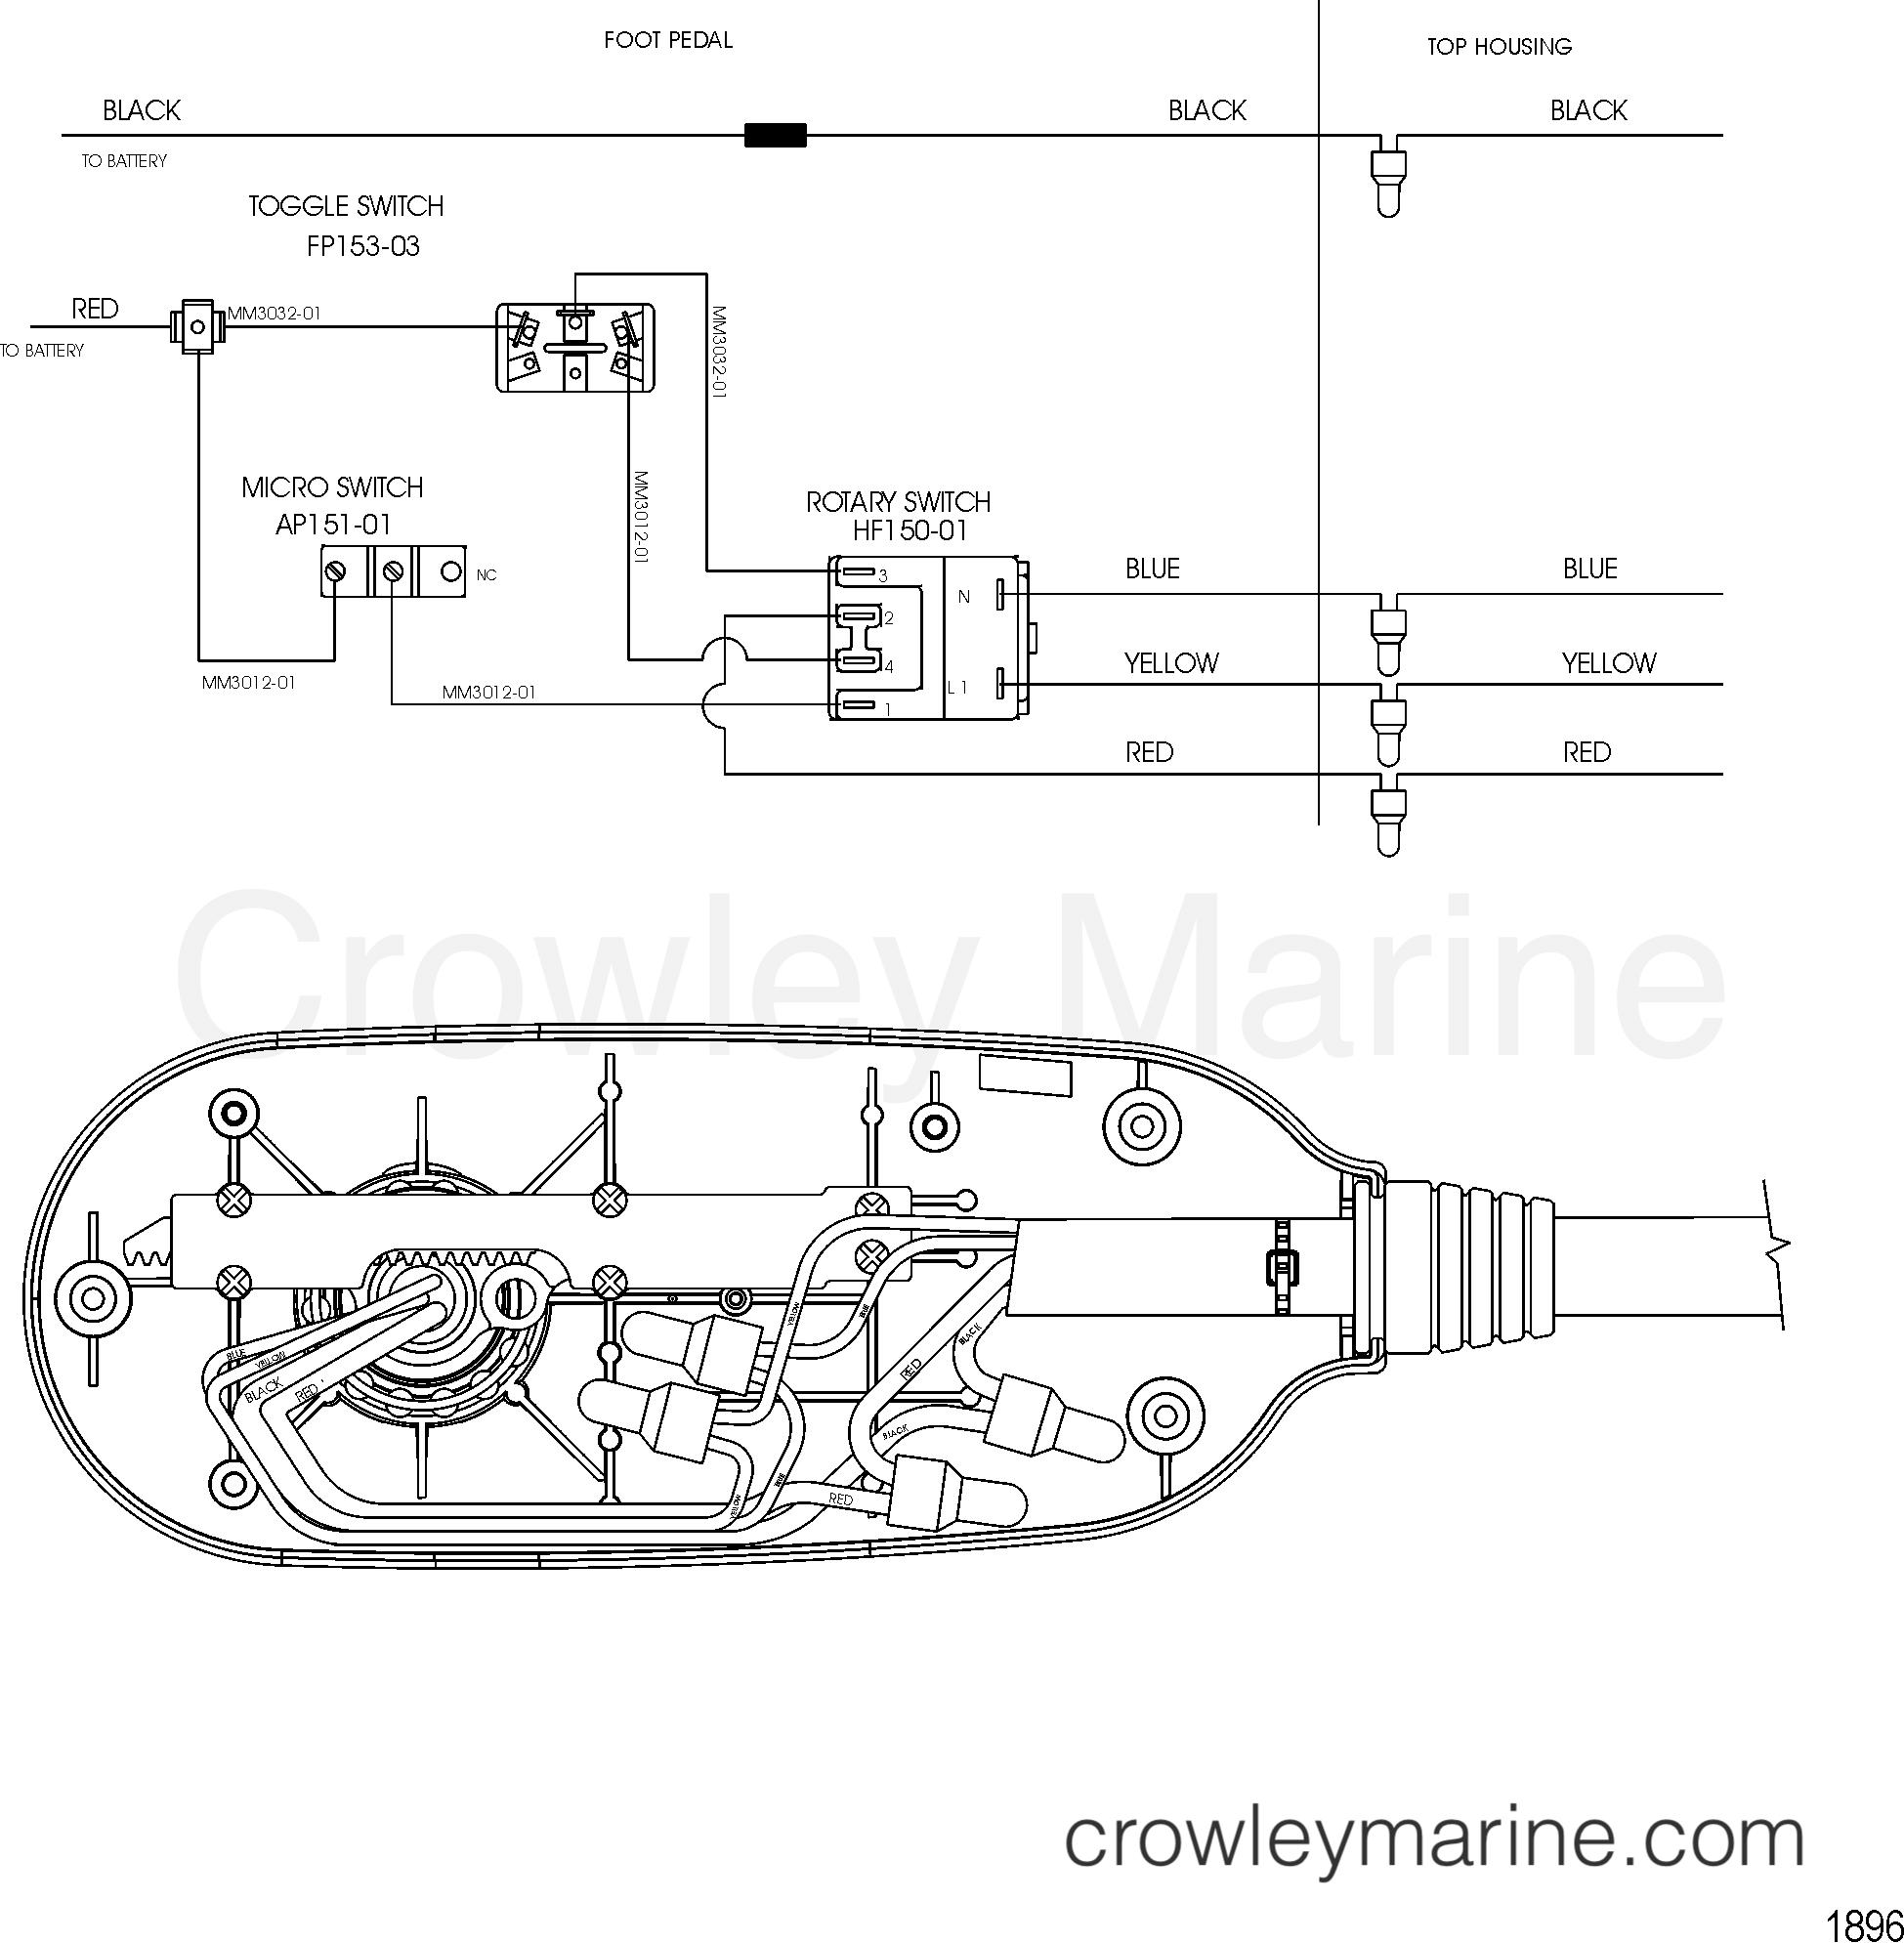 2002 MotorGuide 12V [MOTORGUIDE] - 9MP4301Z1 - WIRE DIAGRAM(MODEL MP5200) (